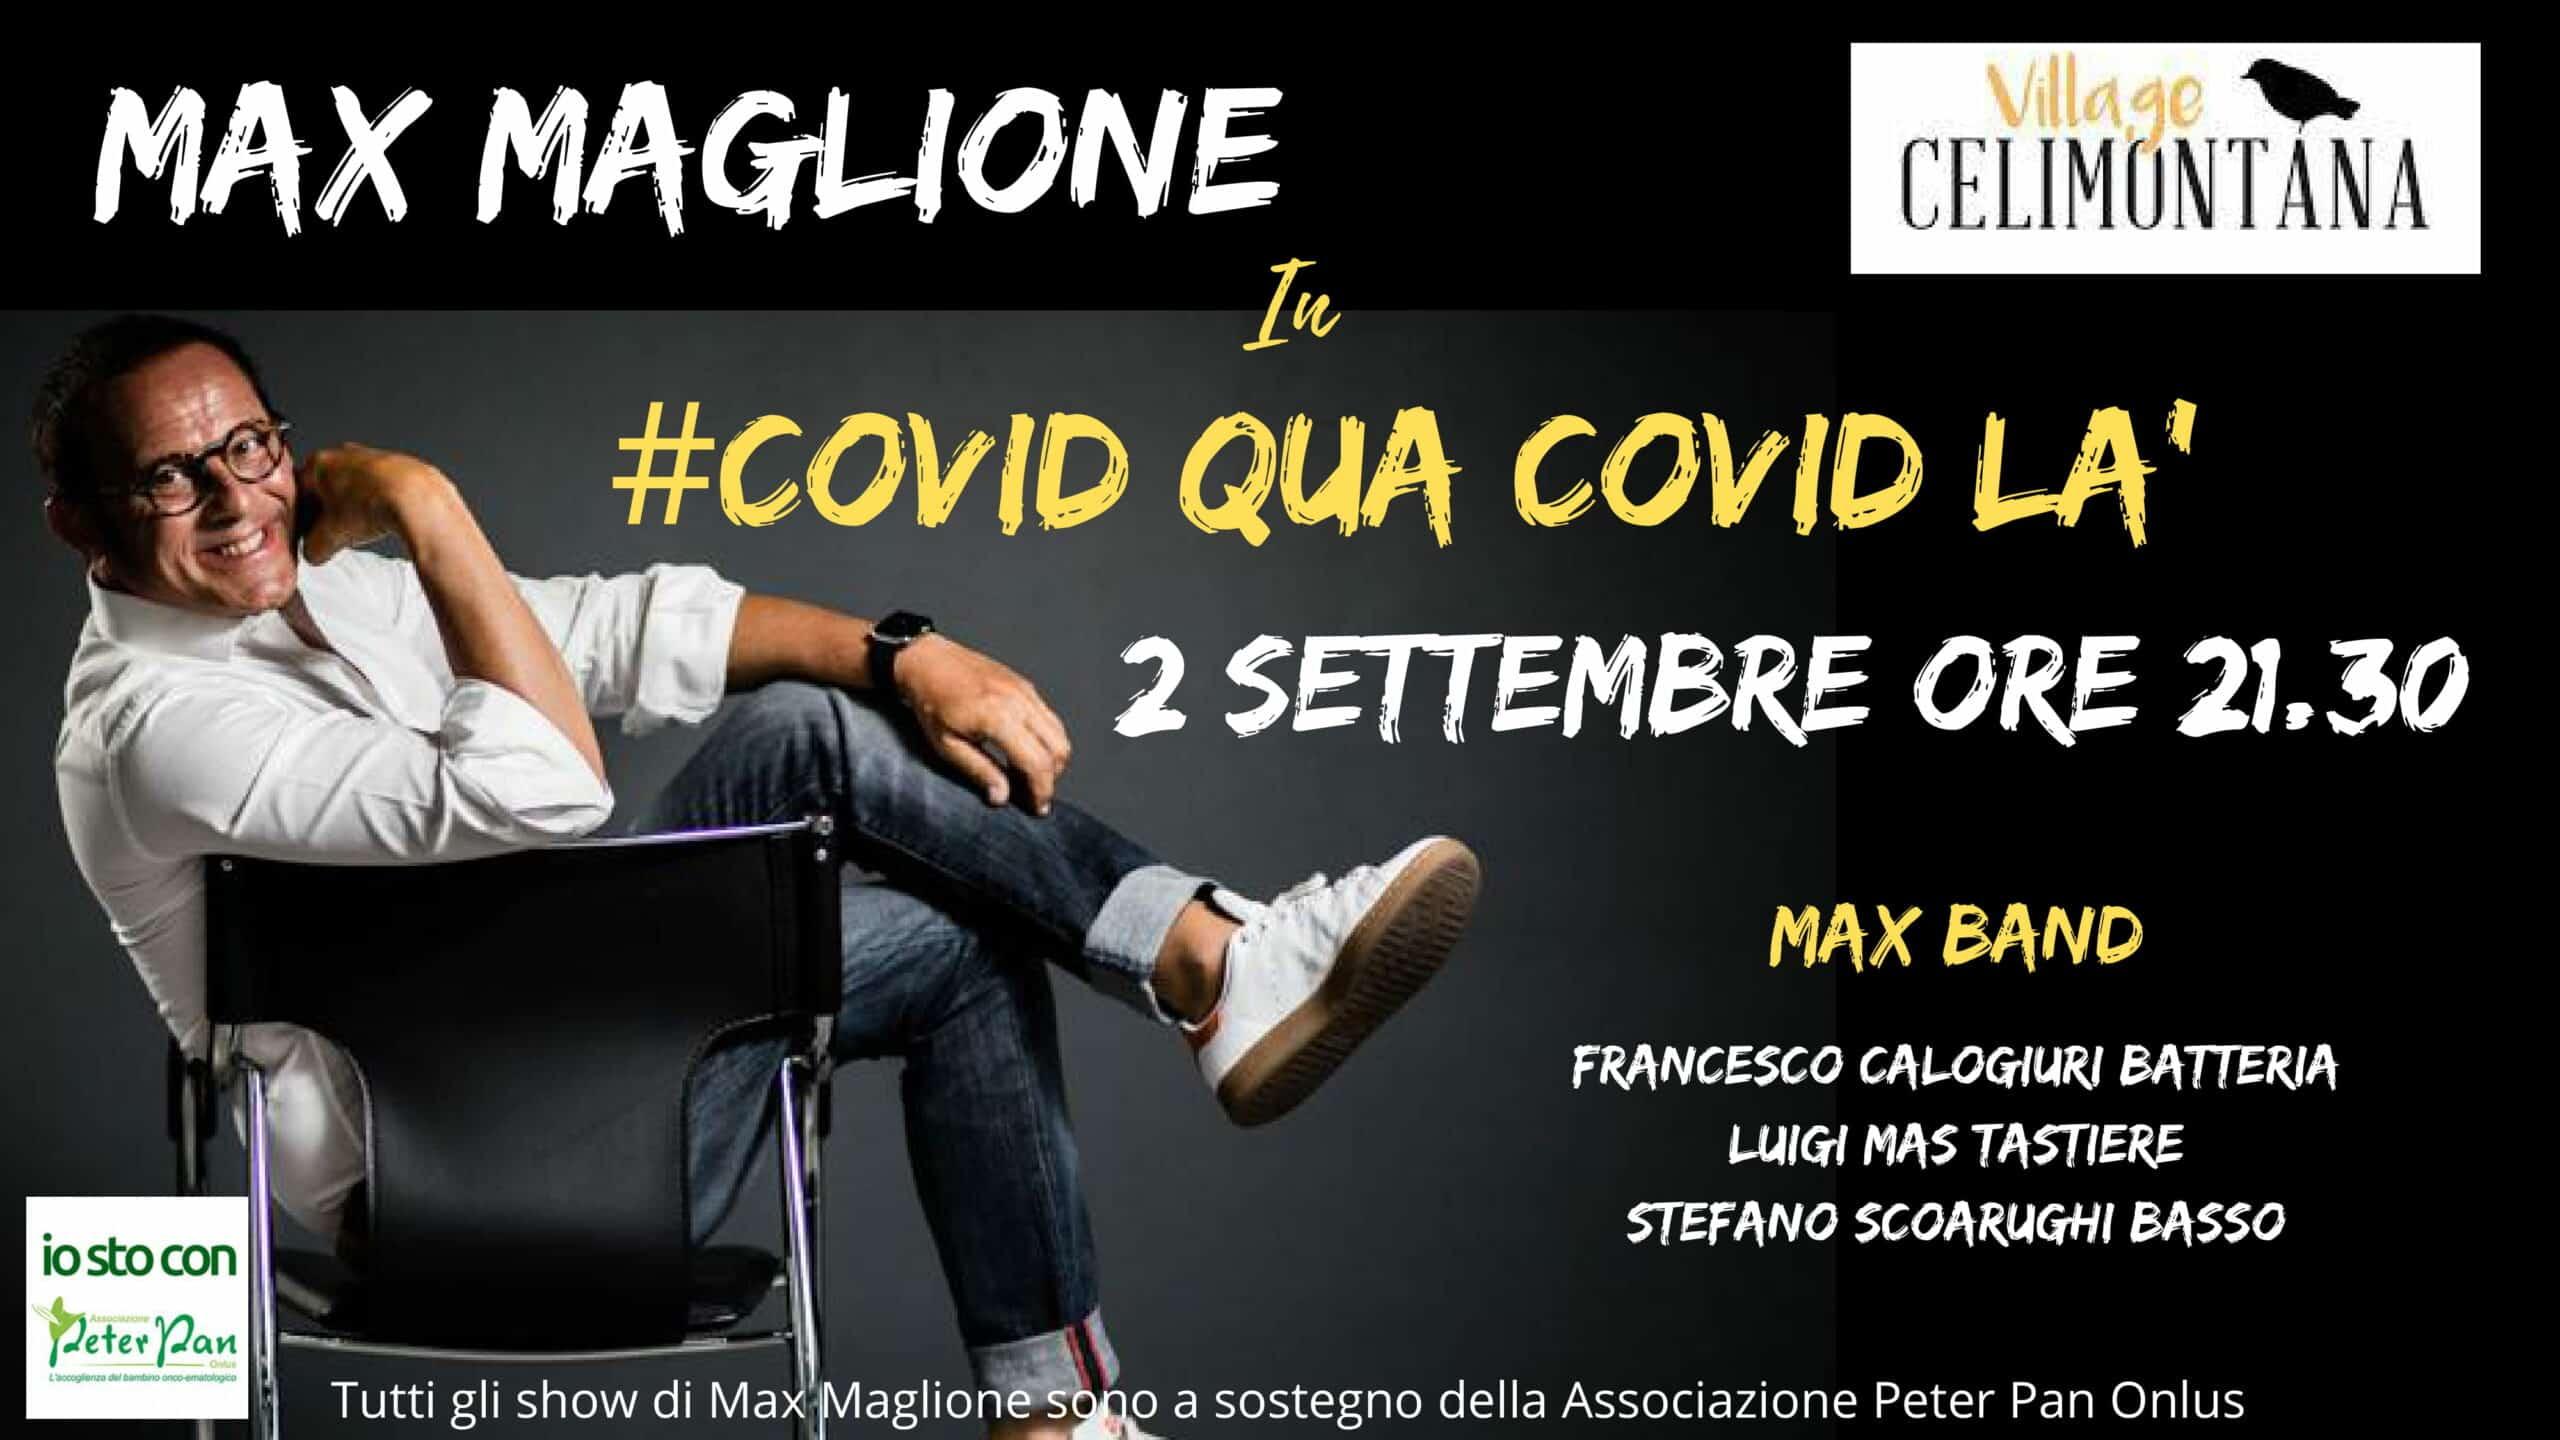 Max Maglione in show a Villa Celimontana il 2 settembre